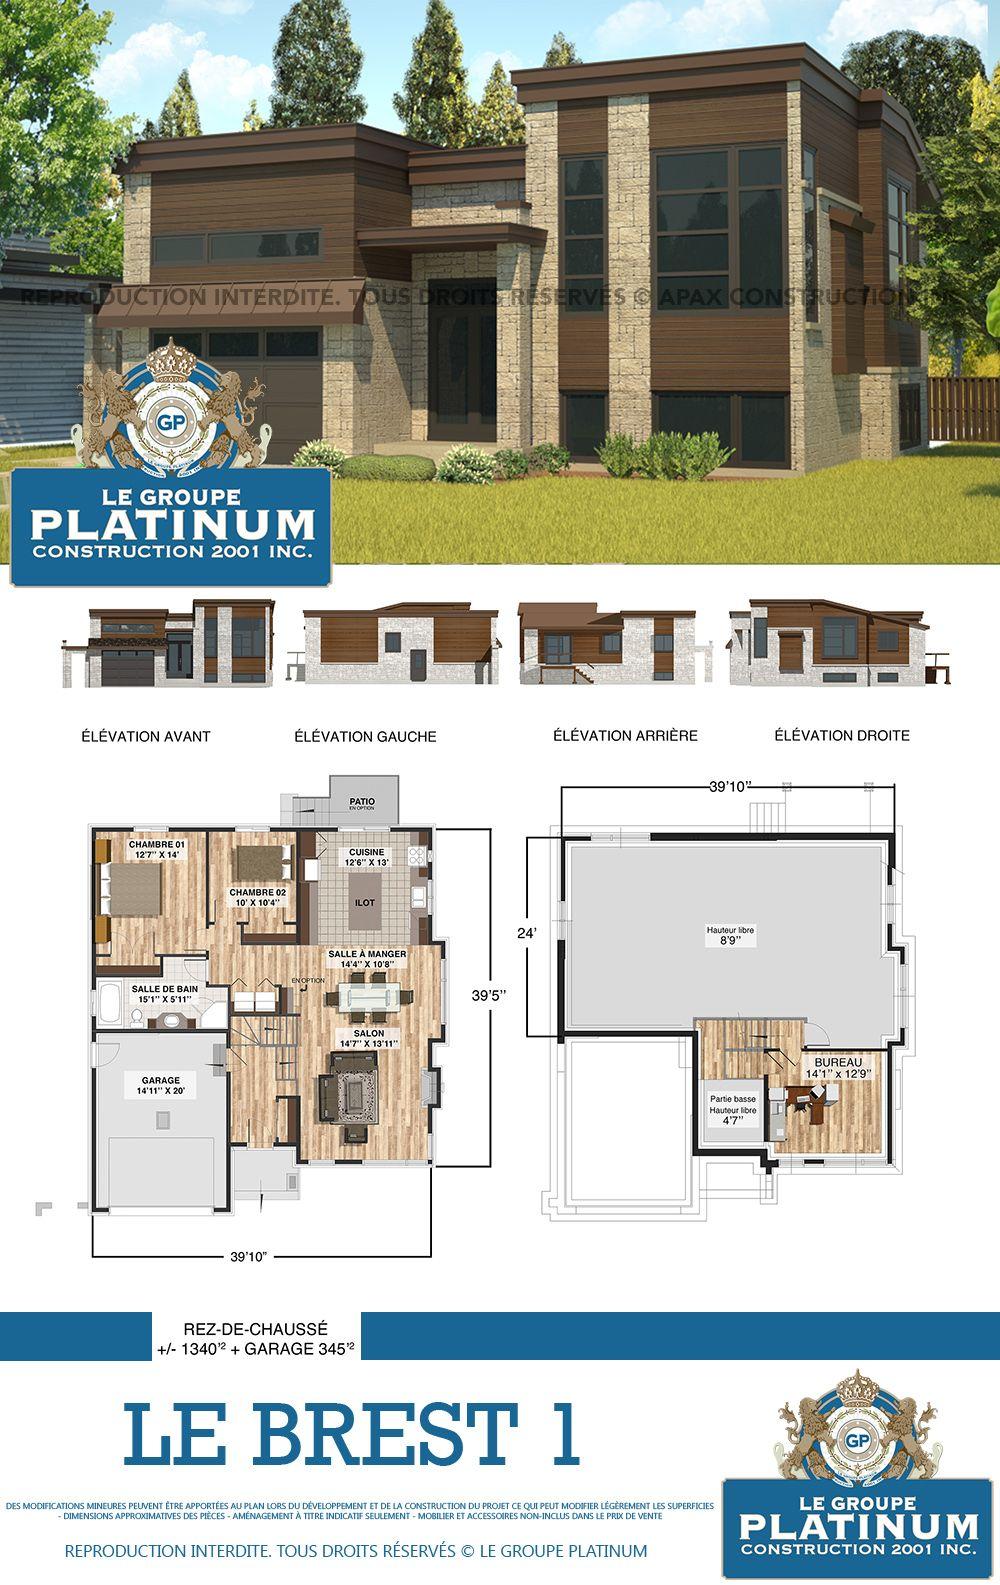 modle de maison neuve le brest le groupe platinum construction de maisons et - Modification De Plan De Maison